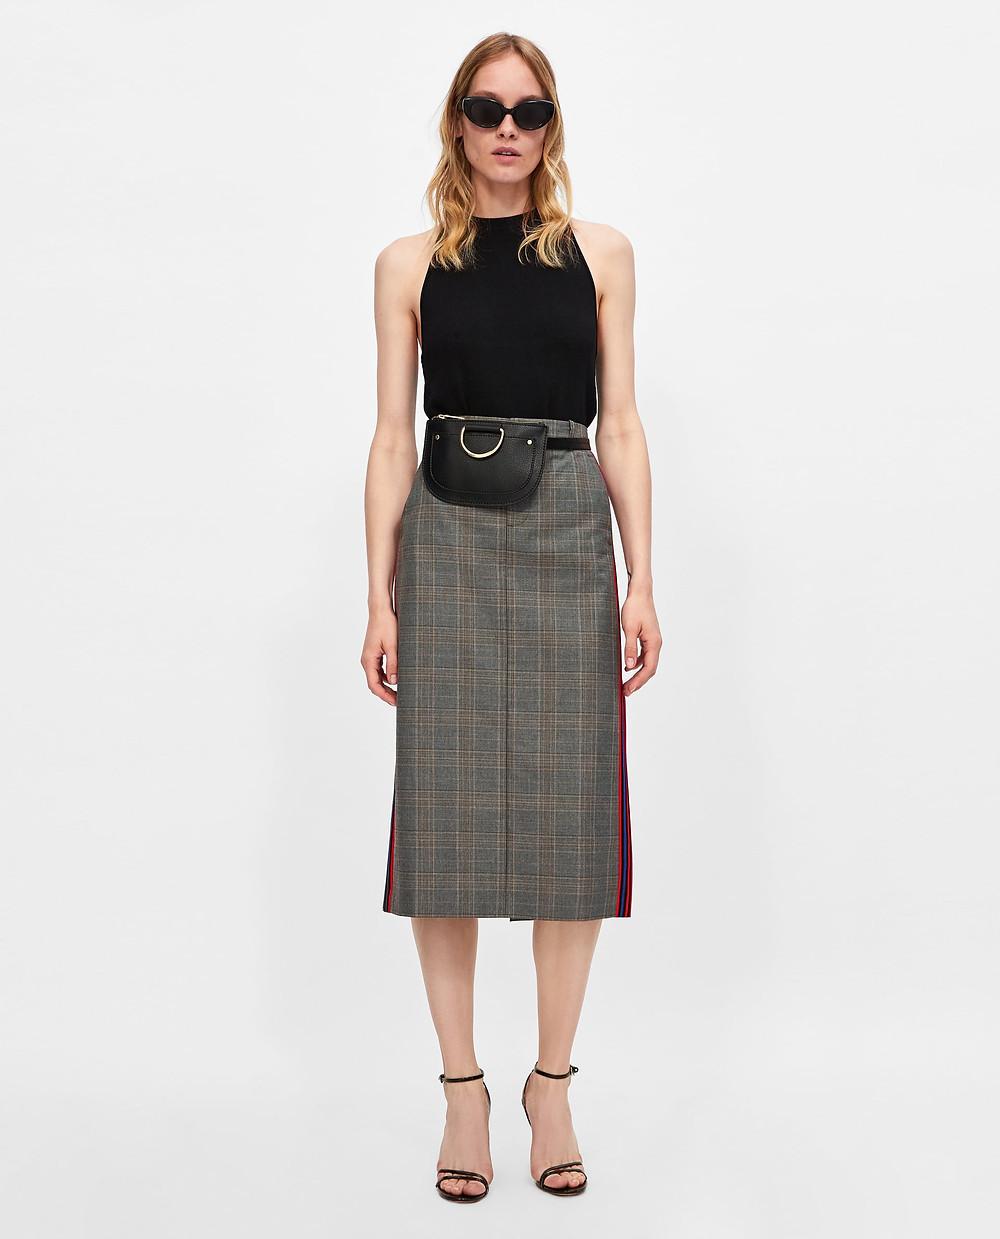 Zara Check Pencil Skirt $19.99